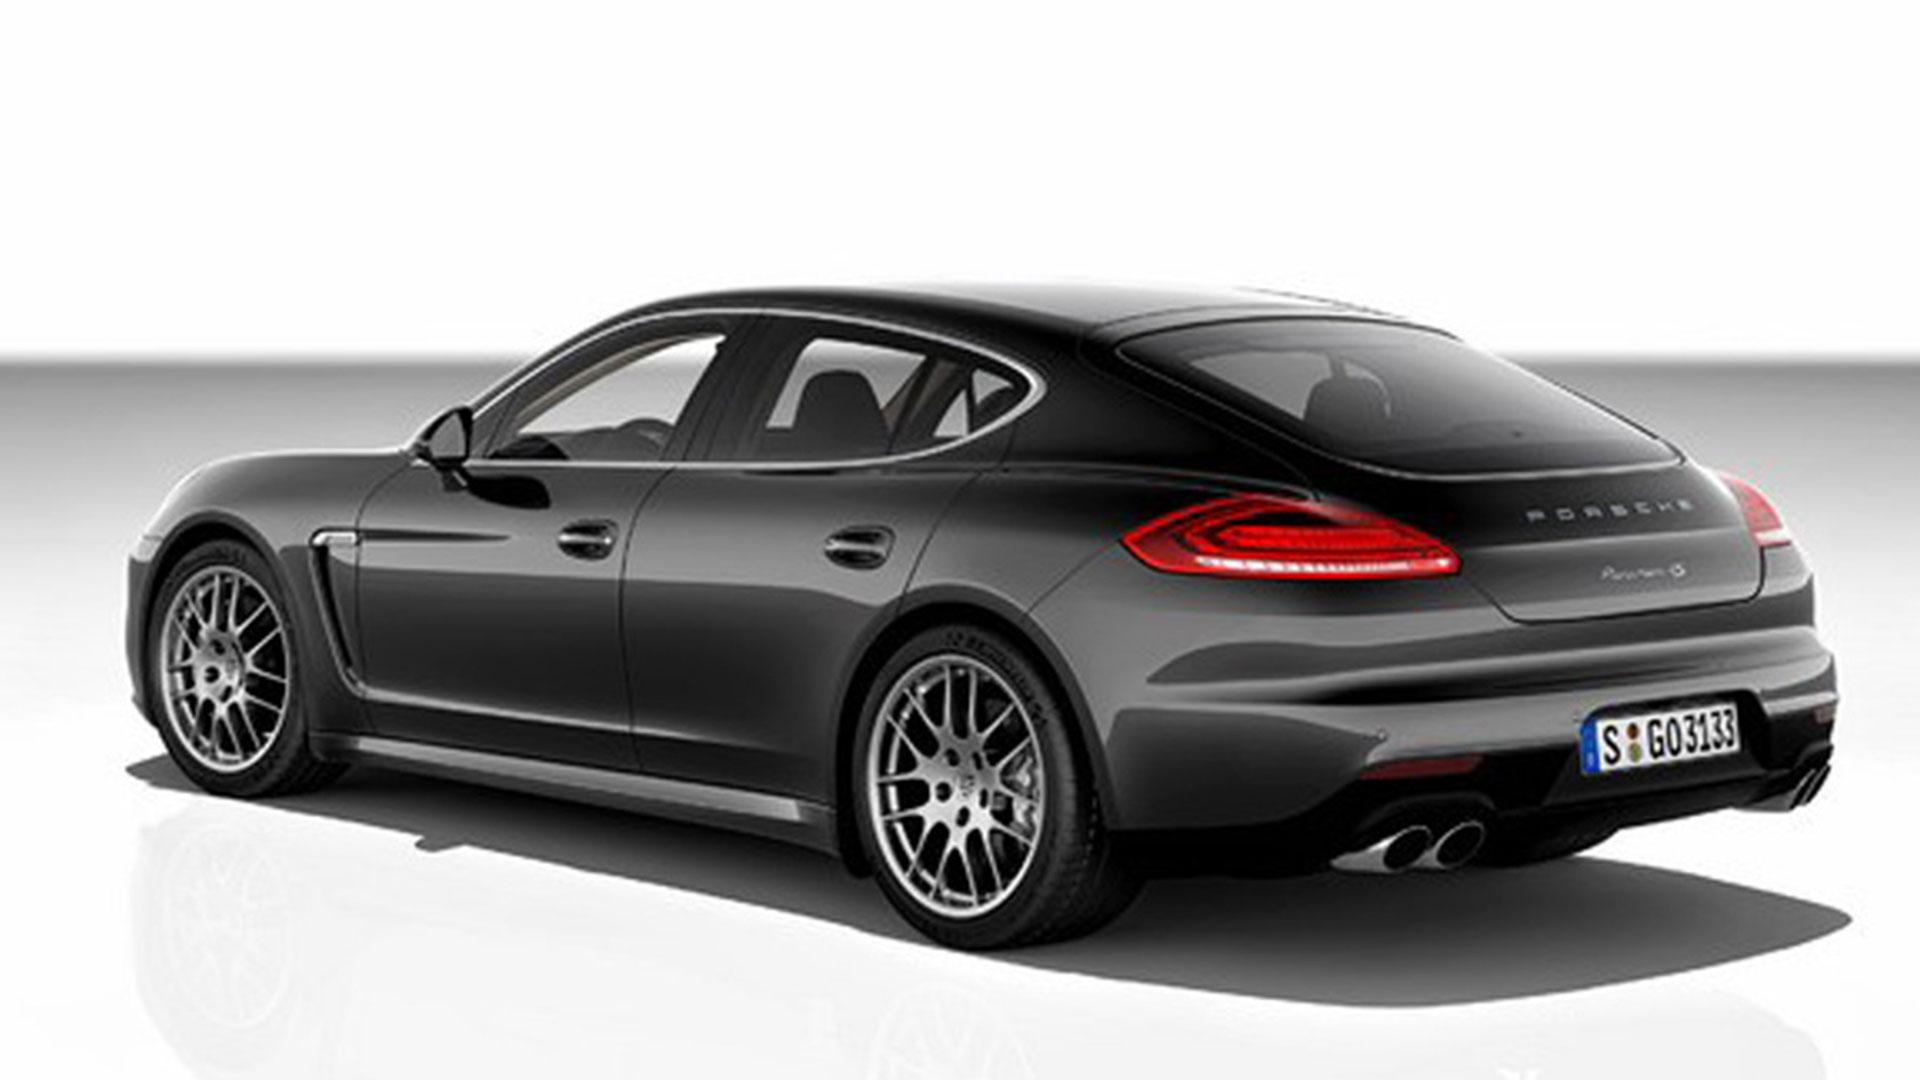 2015 porsche panamera 11 2015 porsche panamera 11 - 2015 Porsche Panamera Black